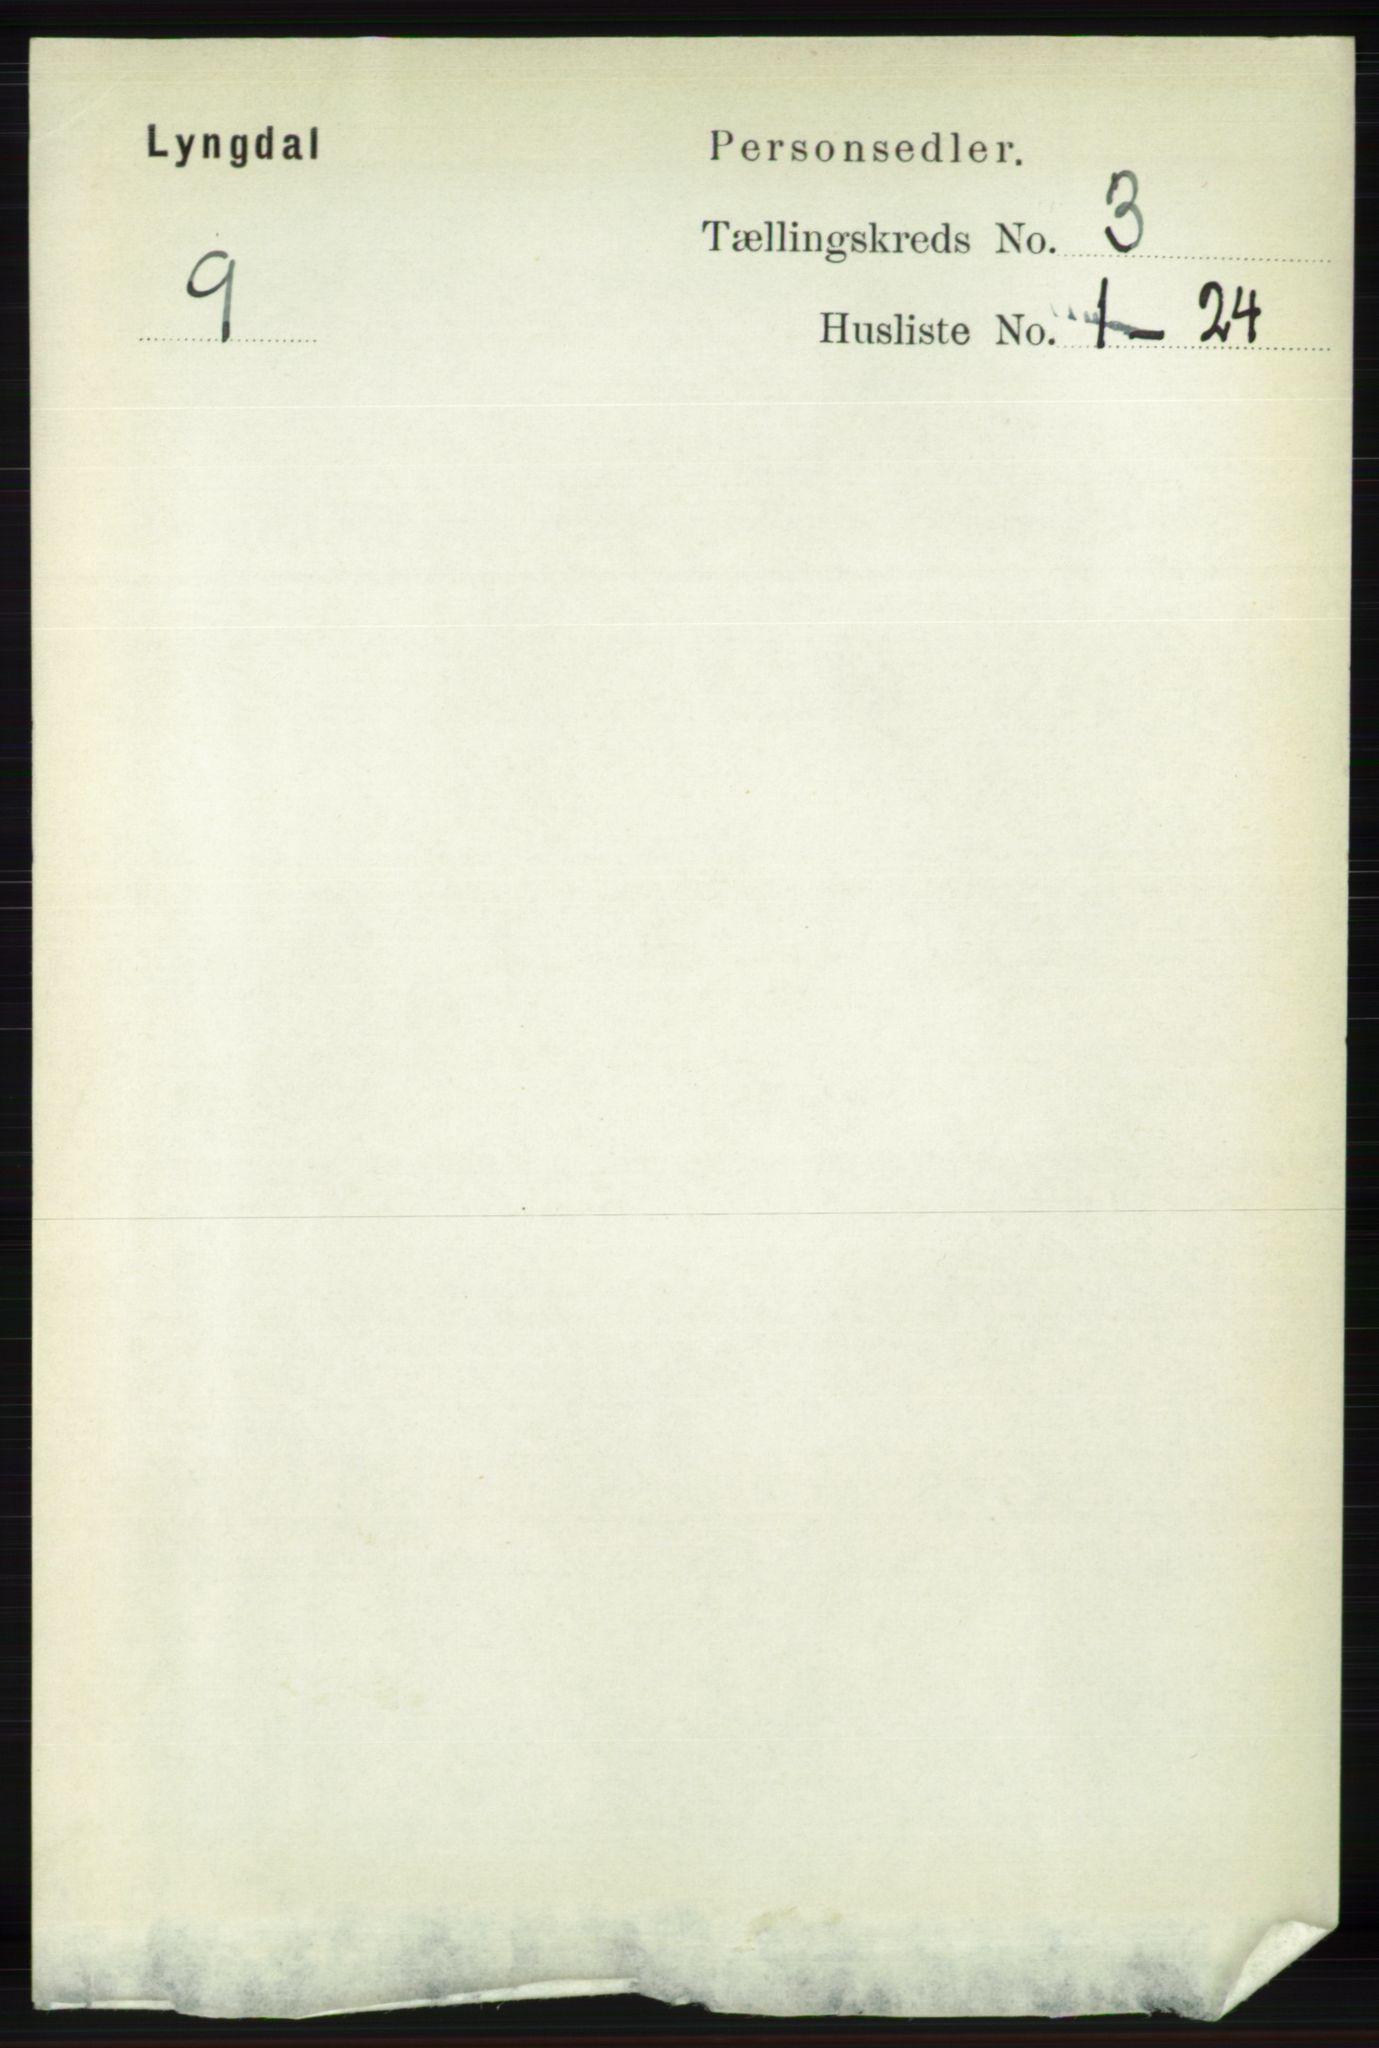 RA, Folketelling 1891 for 1032 Lyngdal herred, 1891, s. 1086